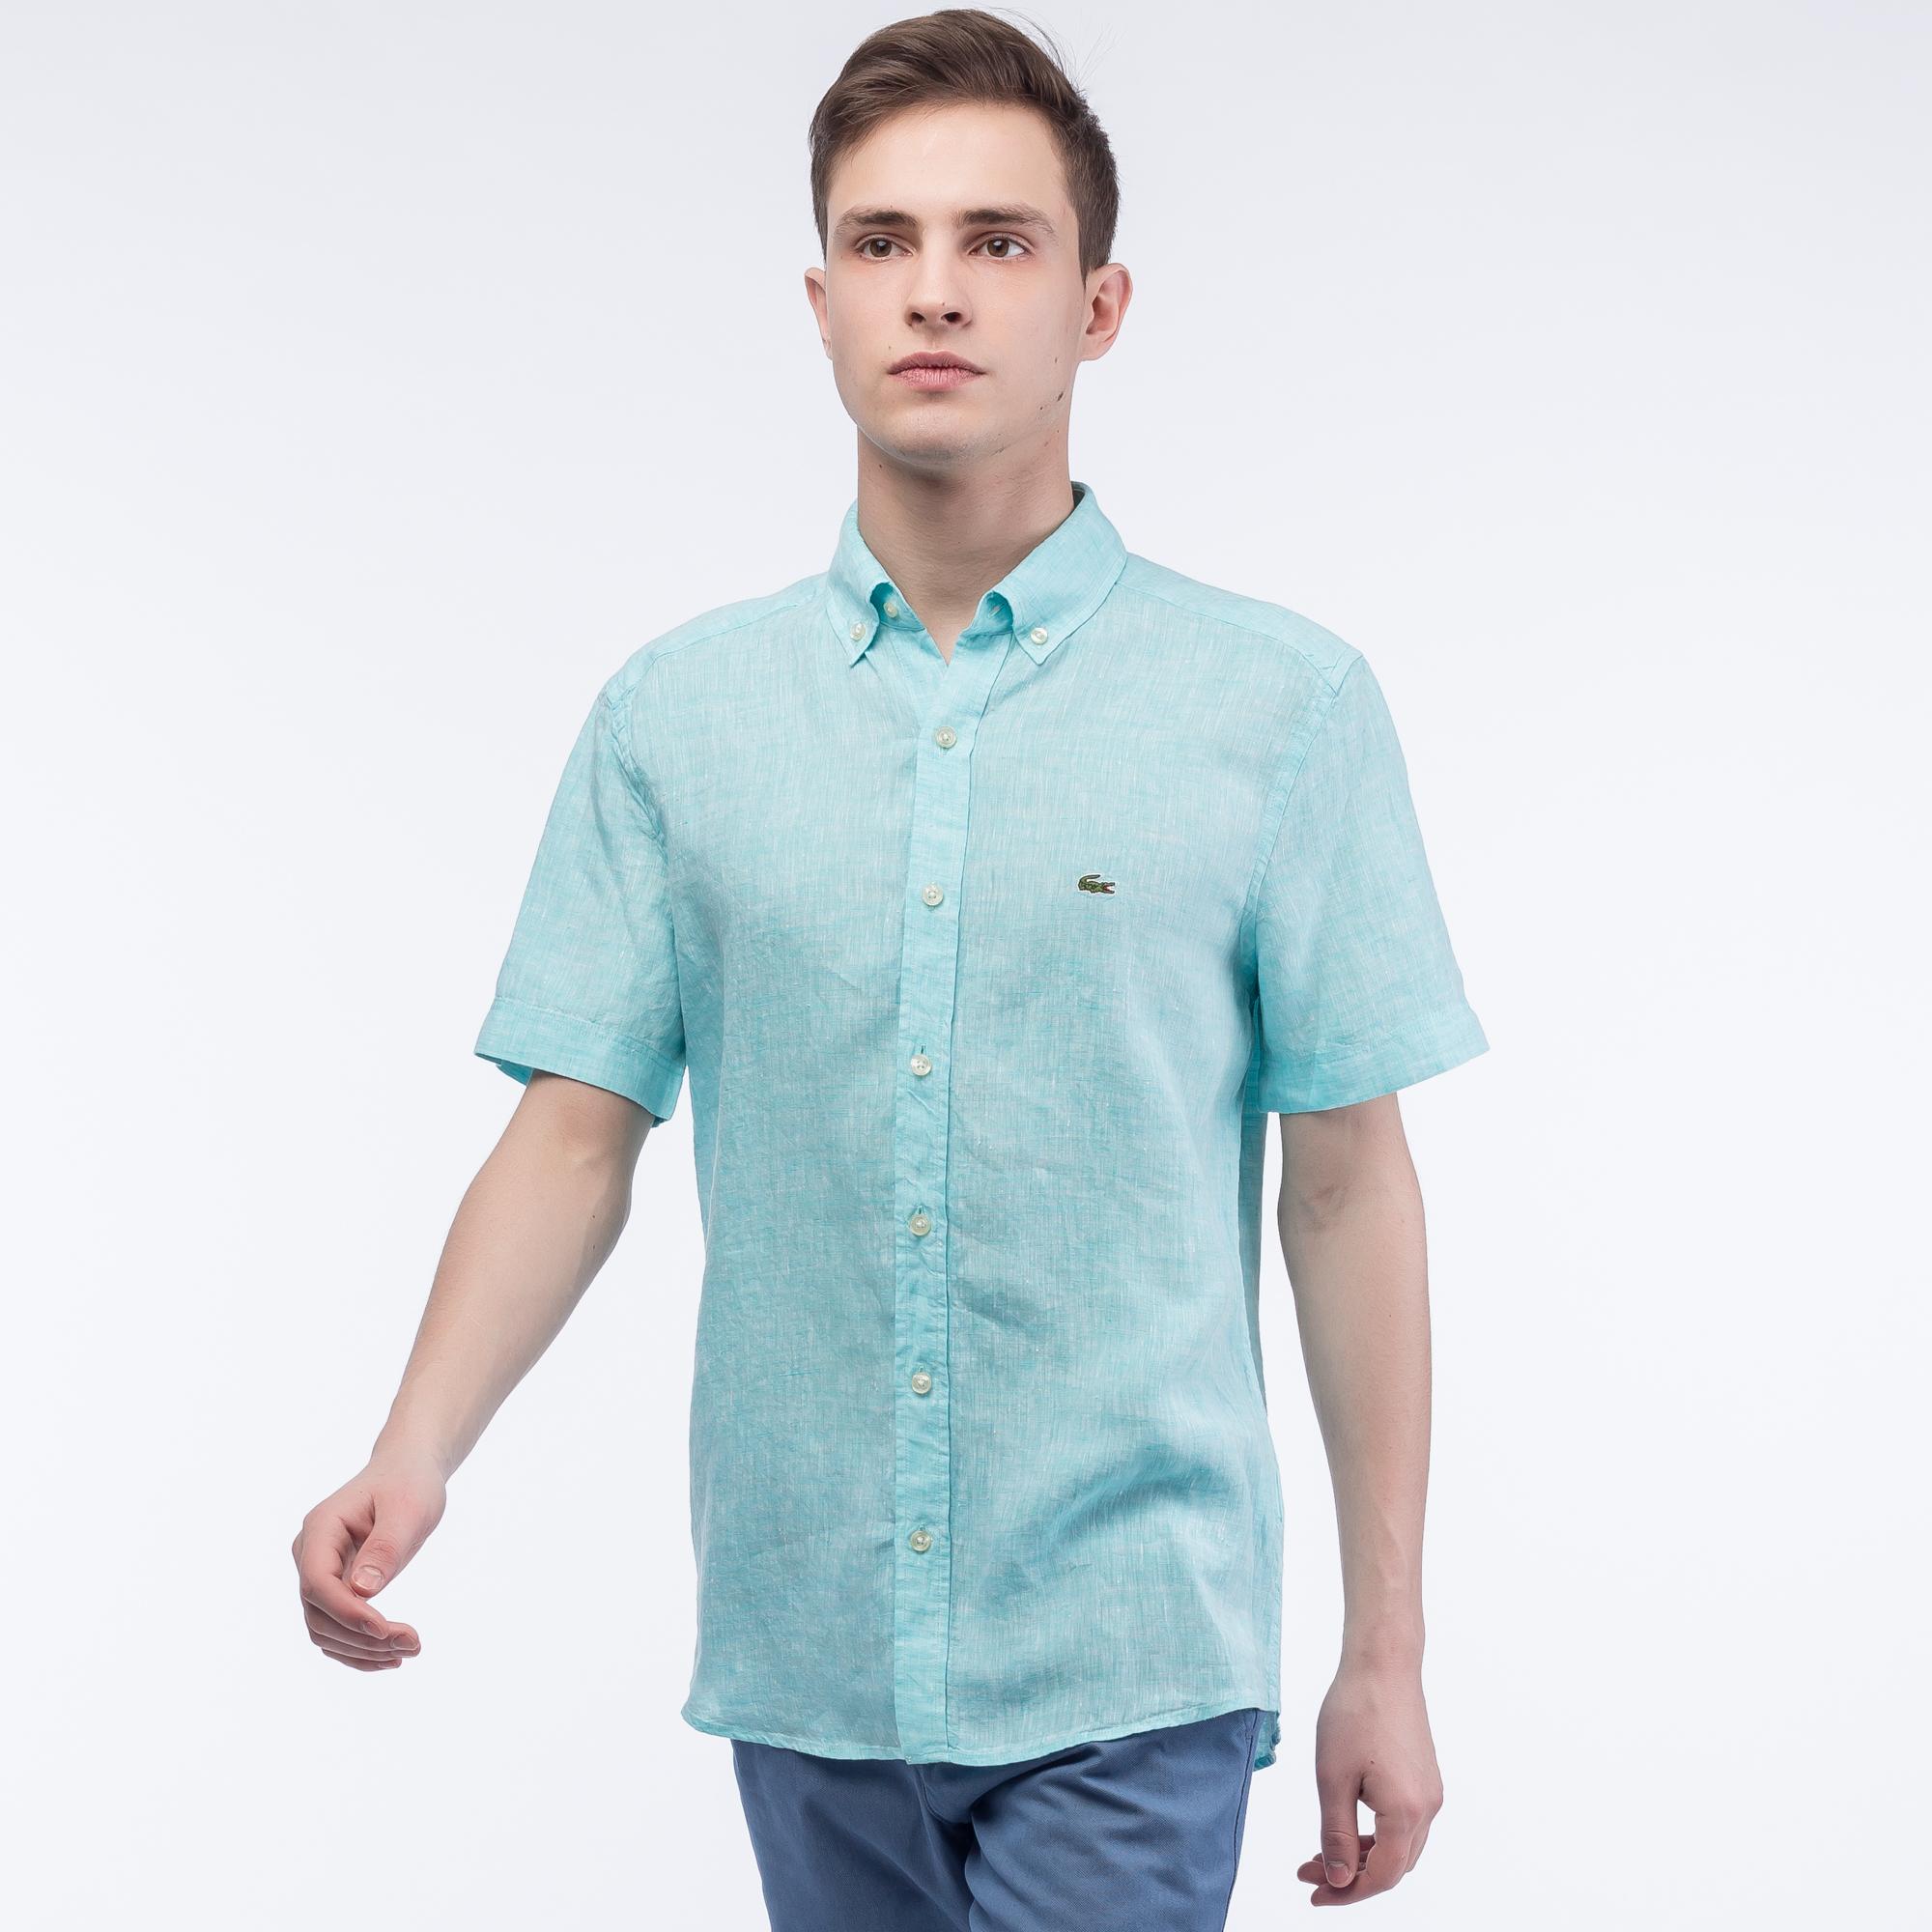 Фото 3 - Рубашку Lacoste Regular fit бирюзового цвета